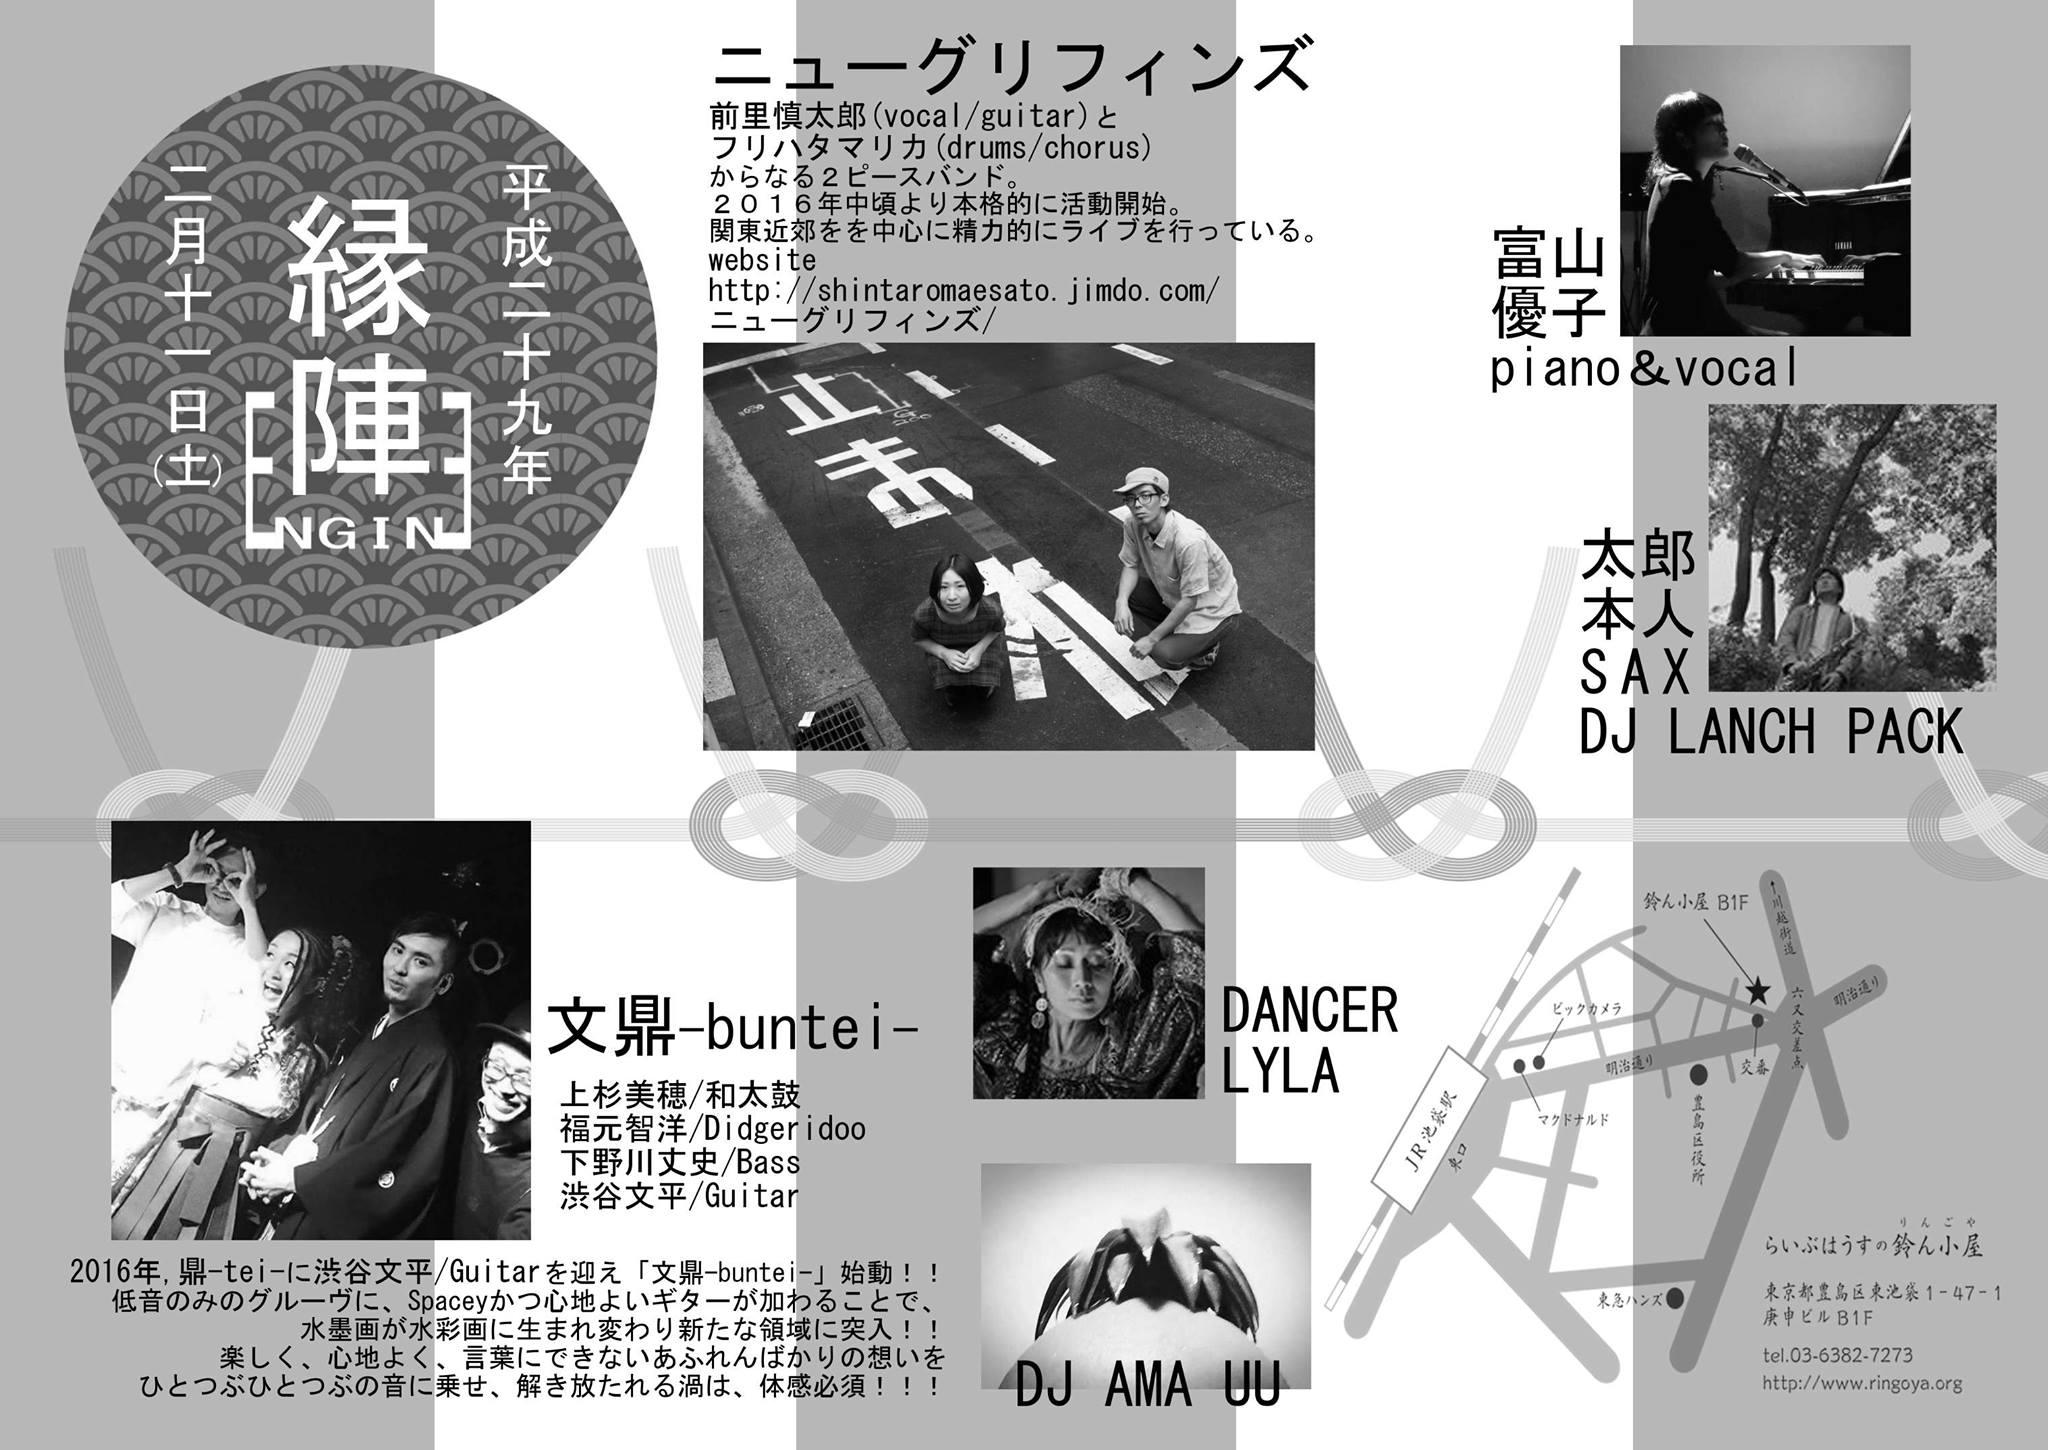 裏 2017/2/11 W結婚記念ライブ